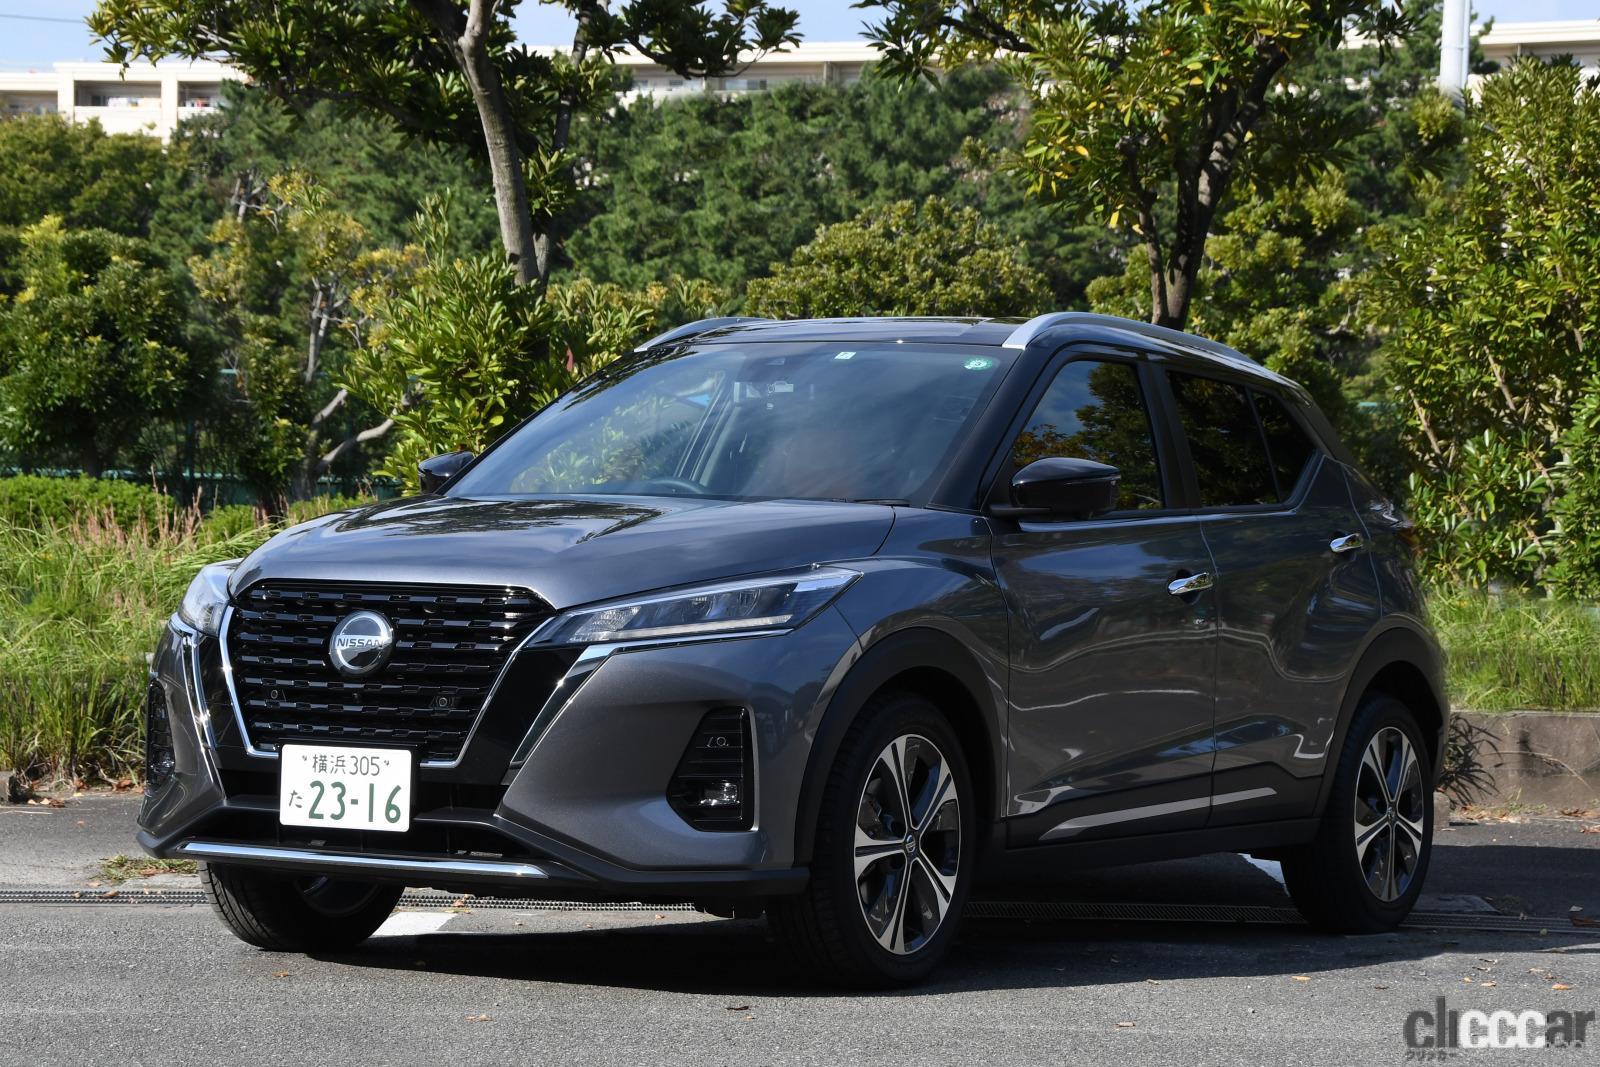 「SUVのeパワー搭載モデルが登場。コンパクトカー、ミニバンに続く第3弾【日産キックス試乗】」の1枚目の画像